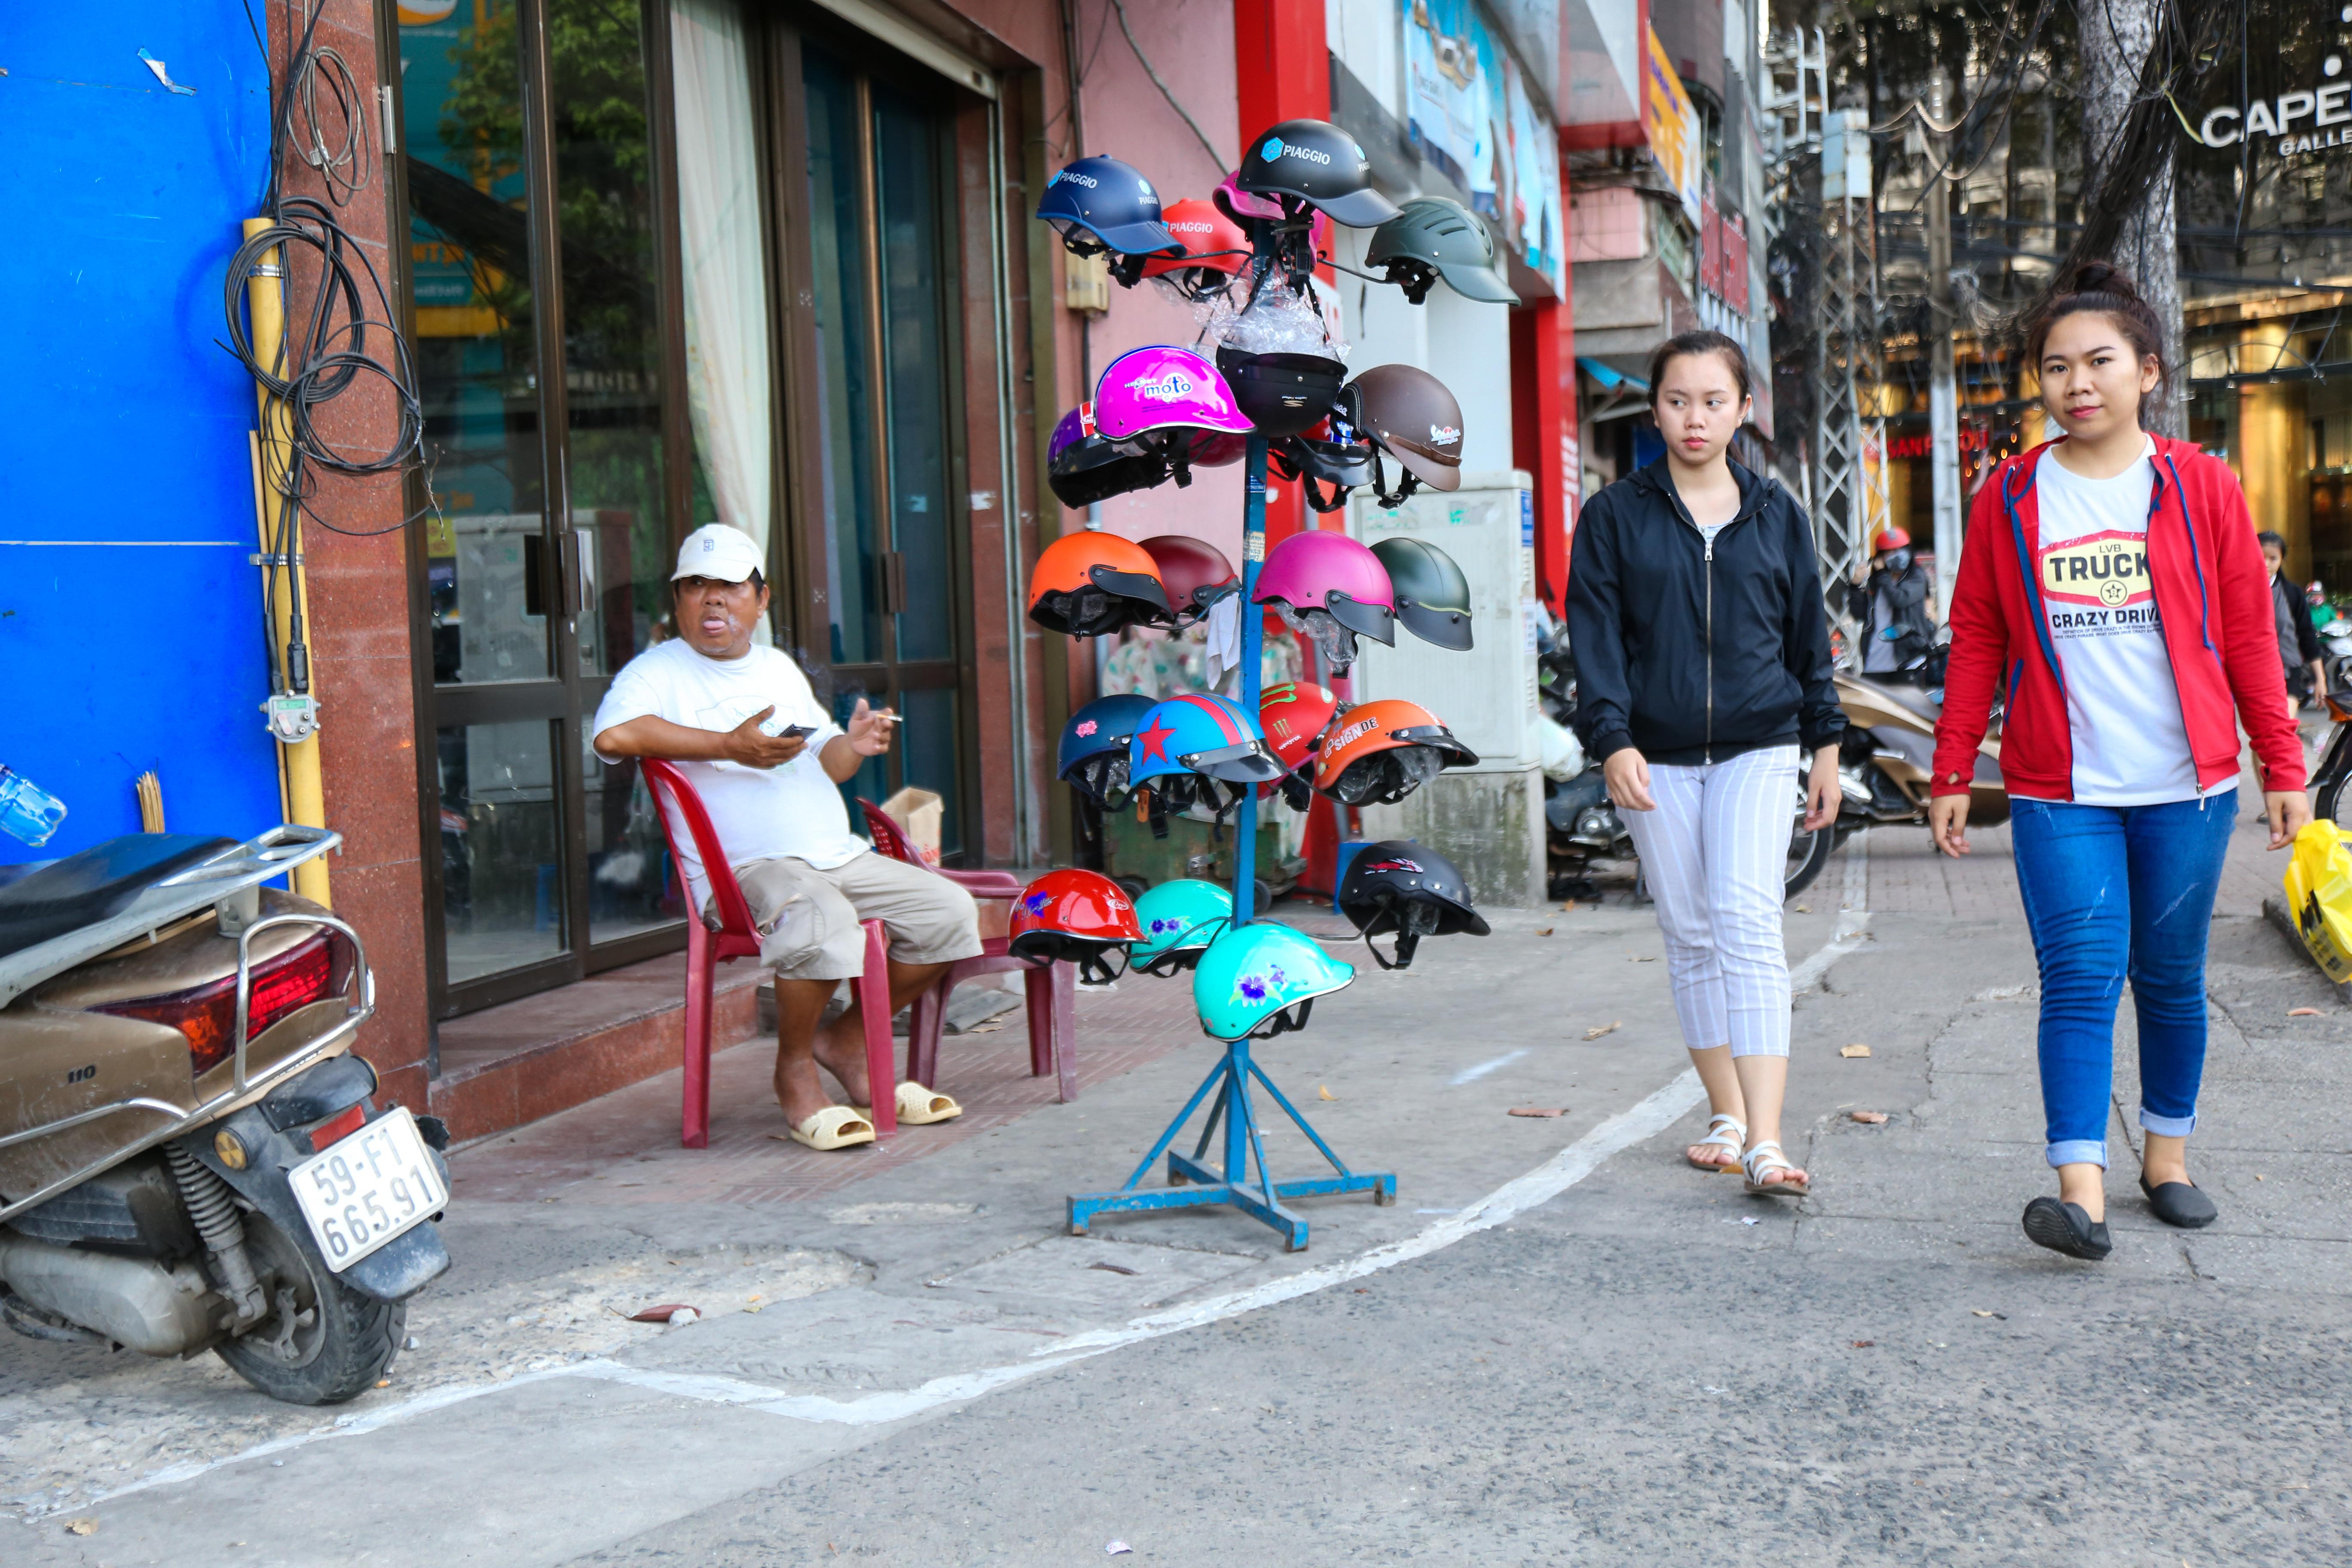 Vỉa hè Sài Gòn sau khi được phân chia bằng vạch kẻ: Người đi bộ thoải mái, dân buôn bán hài lòng - Ảnh 10.